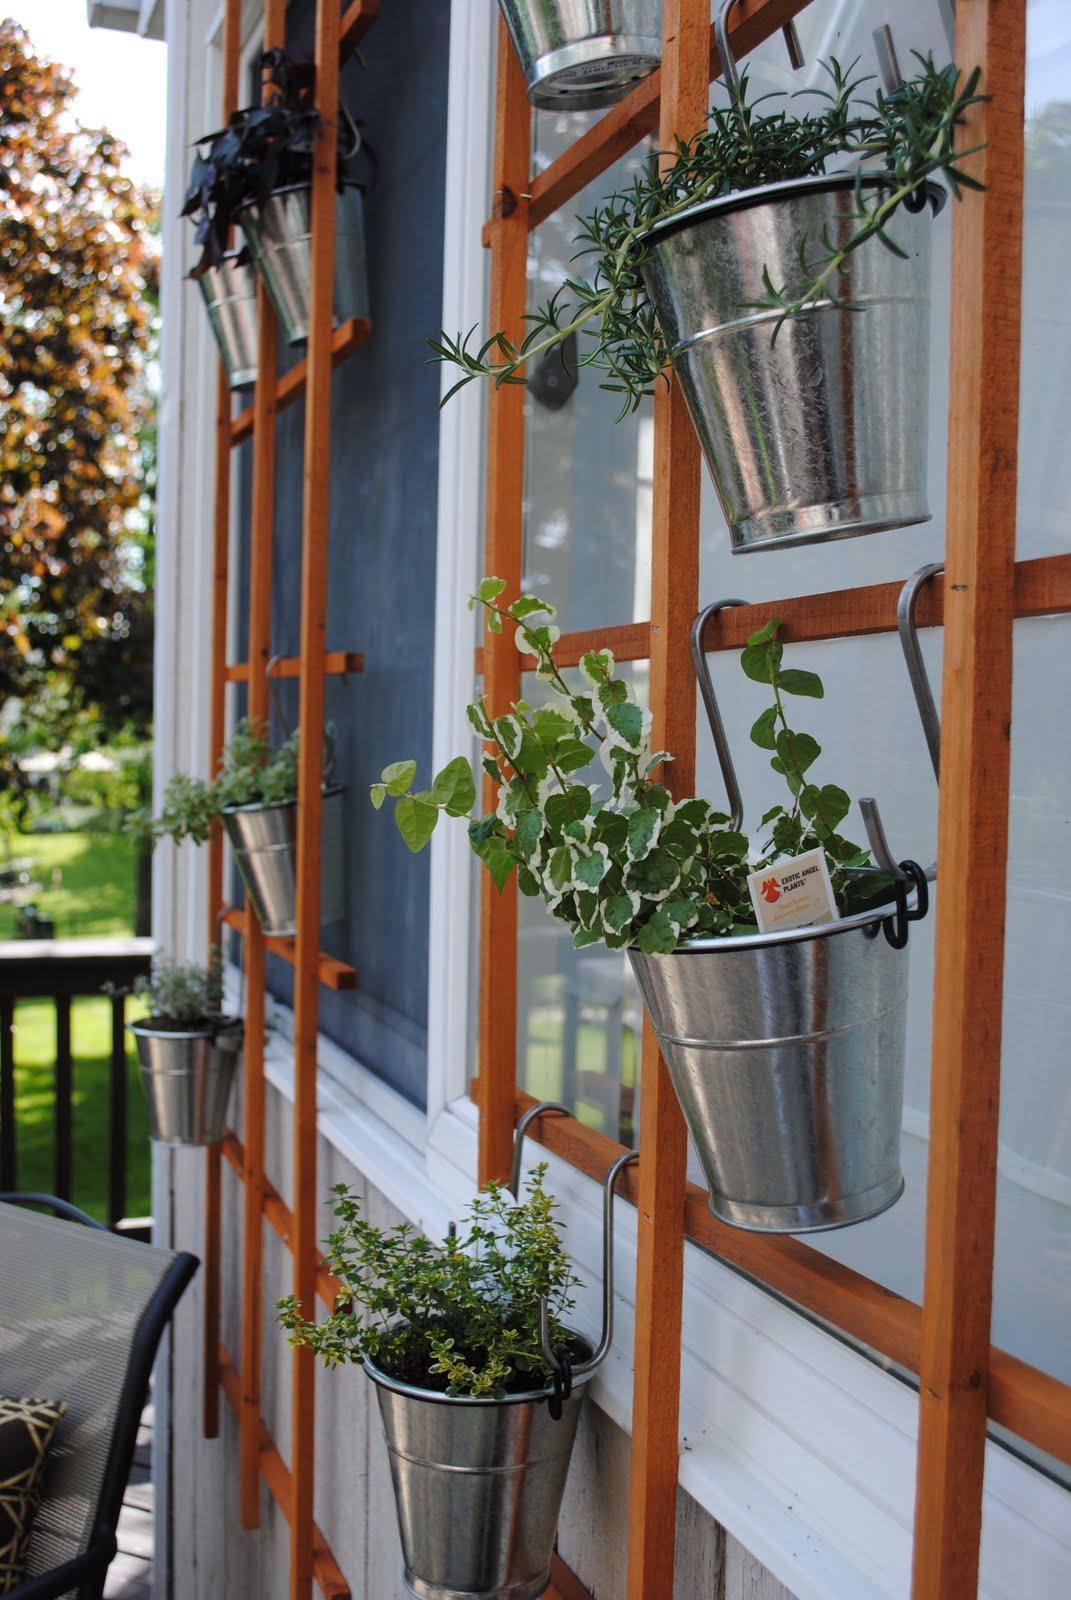 DIY Vertical Trellis Garden Ideas - Under $50